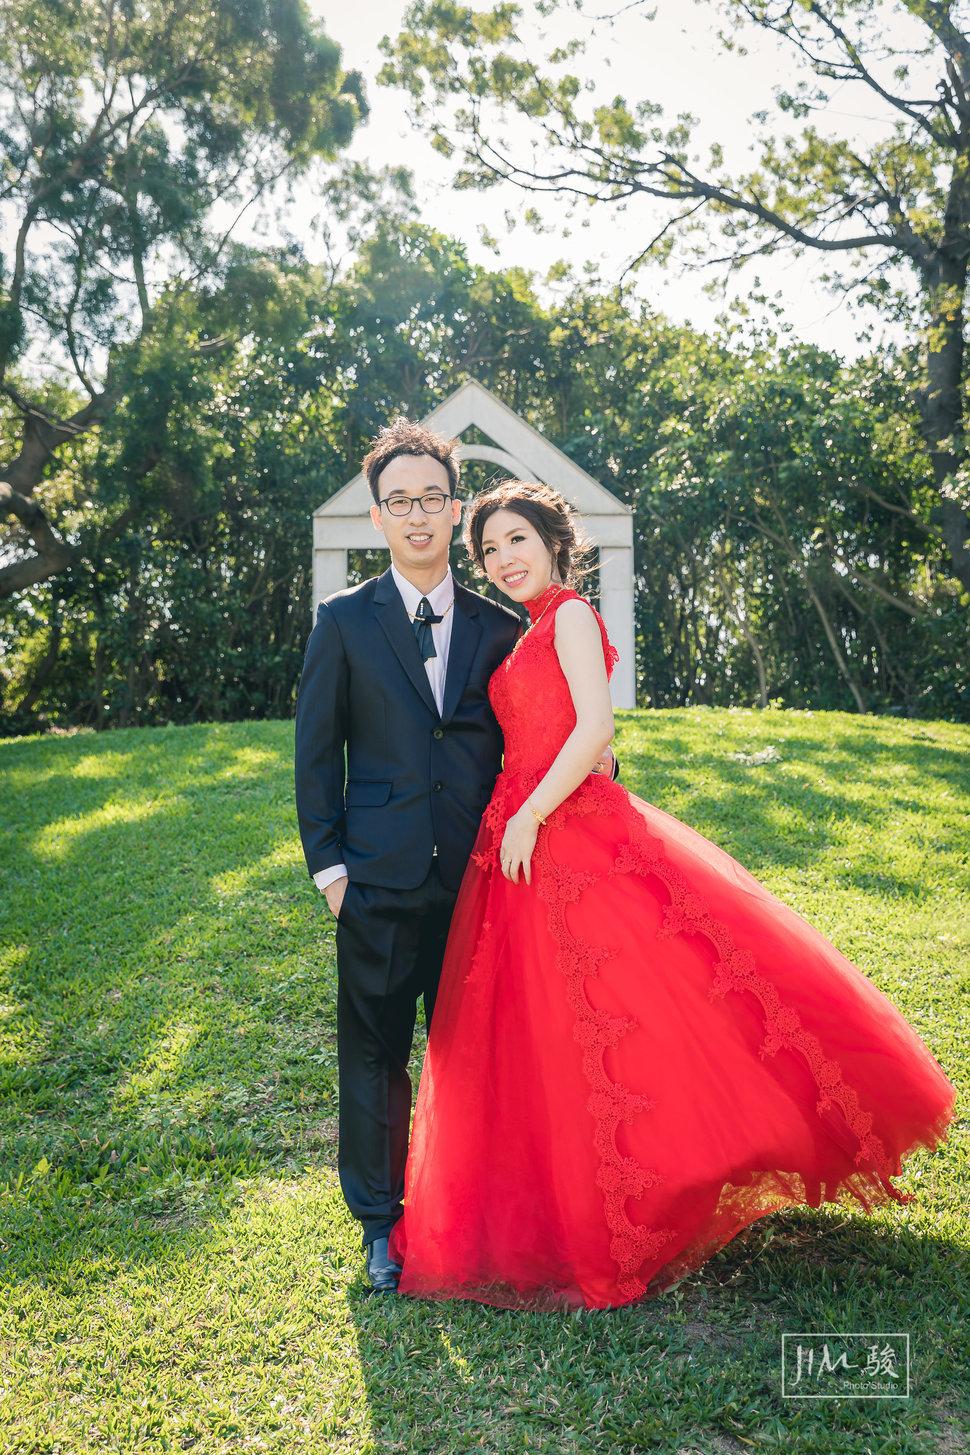 16' 1210 得均&如媛 文定之喜 @綠光花園(編號:551751) - JIM 駿 PHOTO Studio - 結婚吧一站式婚禮服務平台